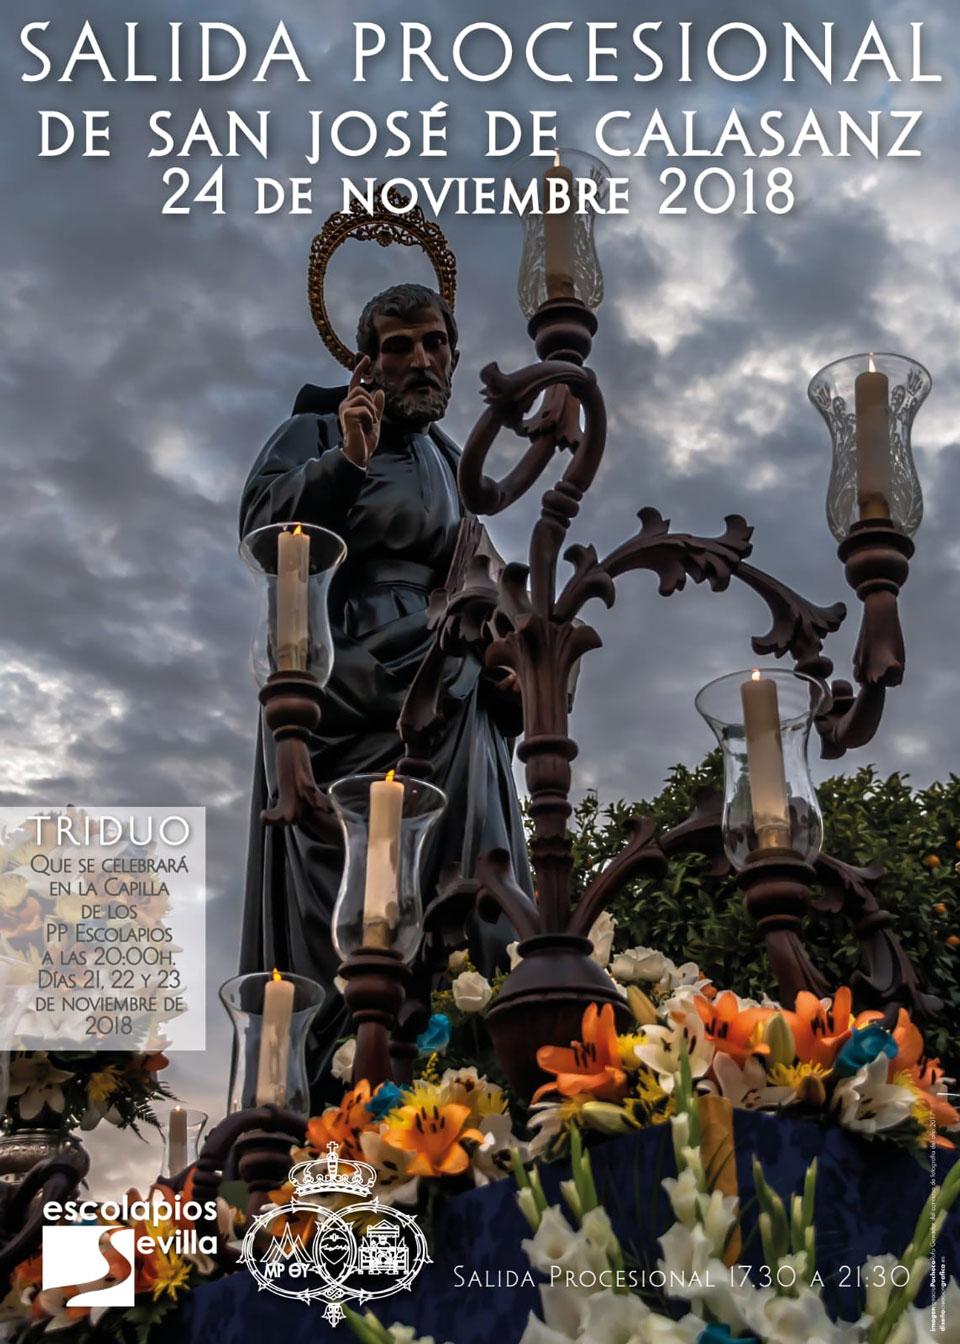 Procesión, concurso de fotografía y triduo san José de Calasanz 2018